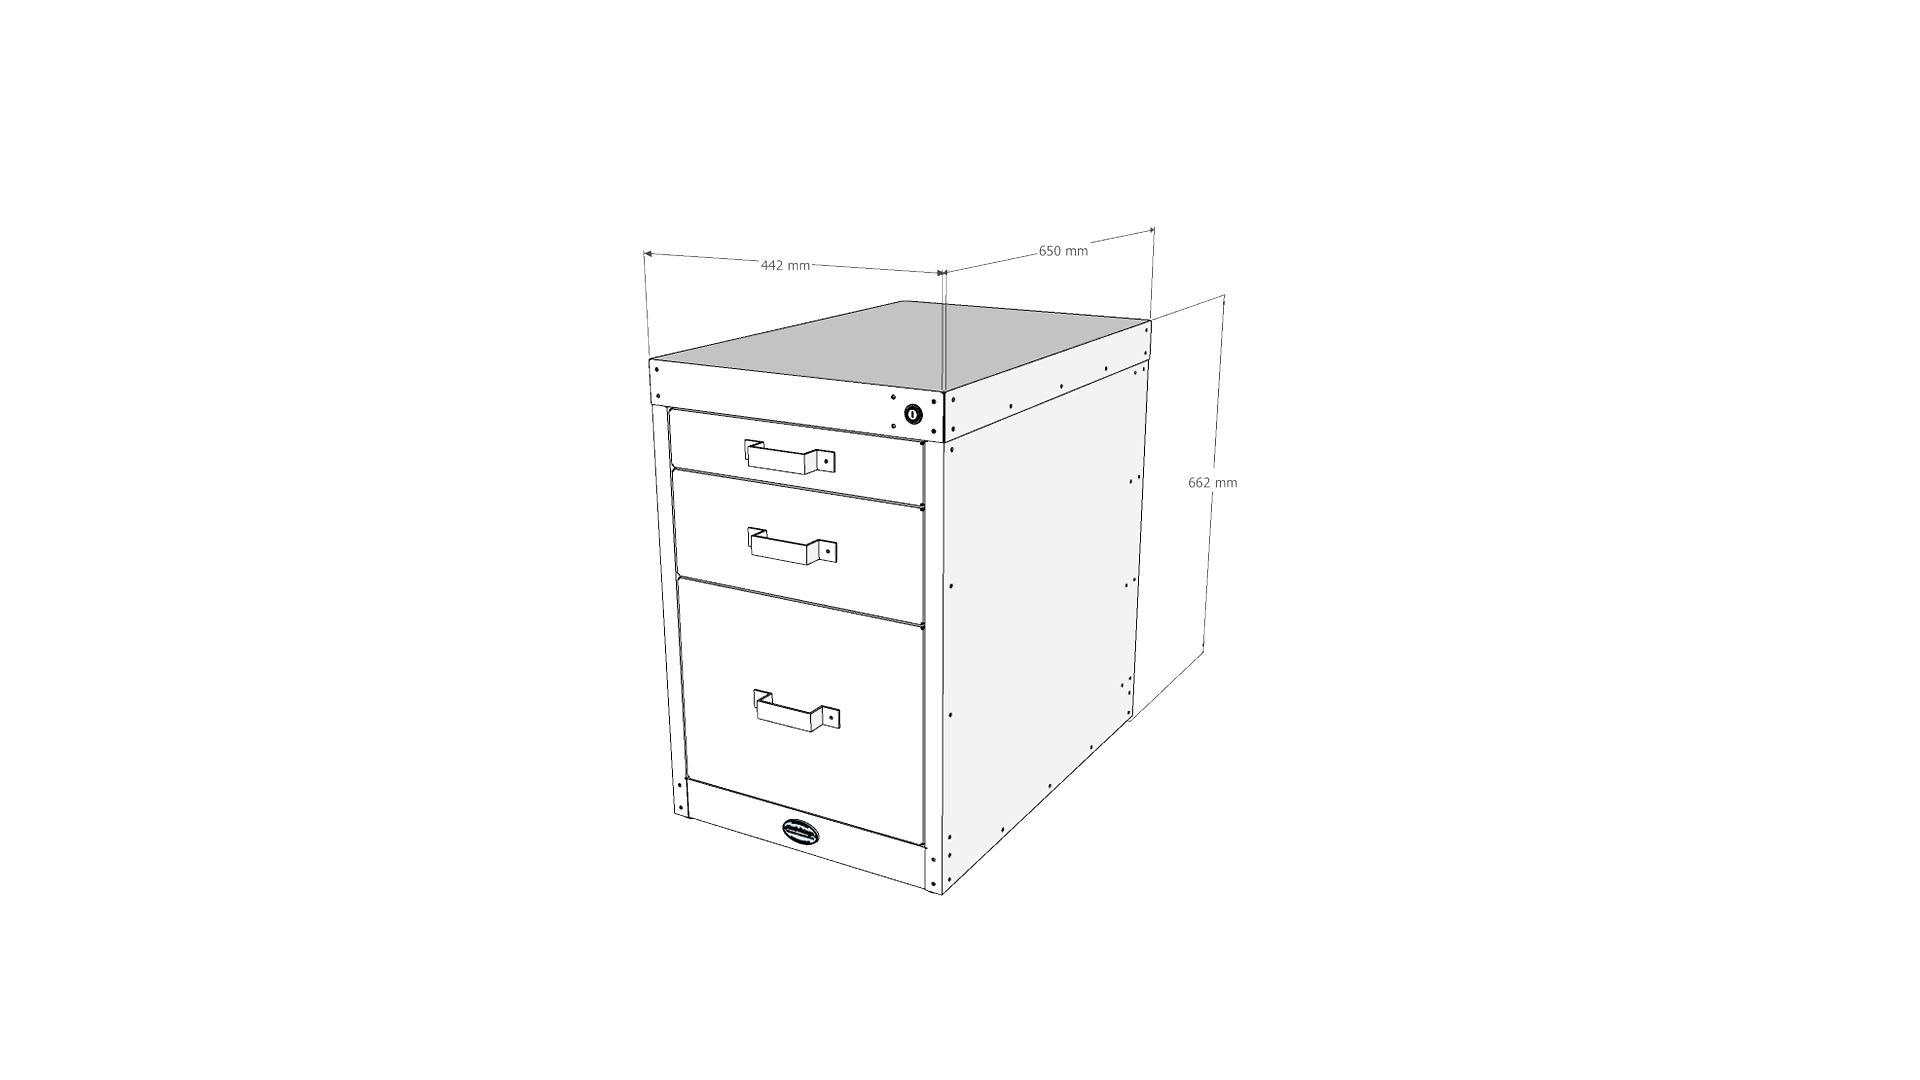 Steel Vintage workshop 3 drawer unit V1 technical drawing